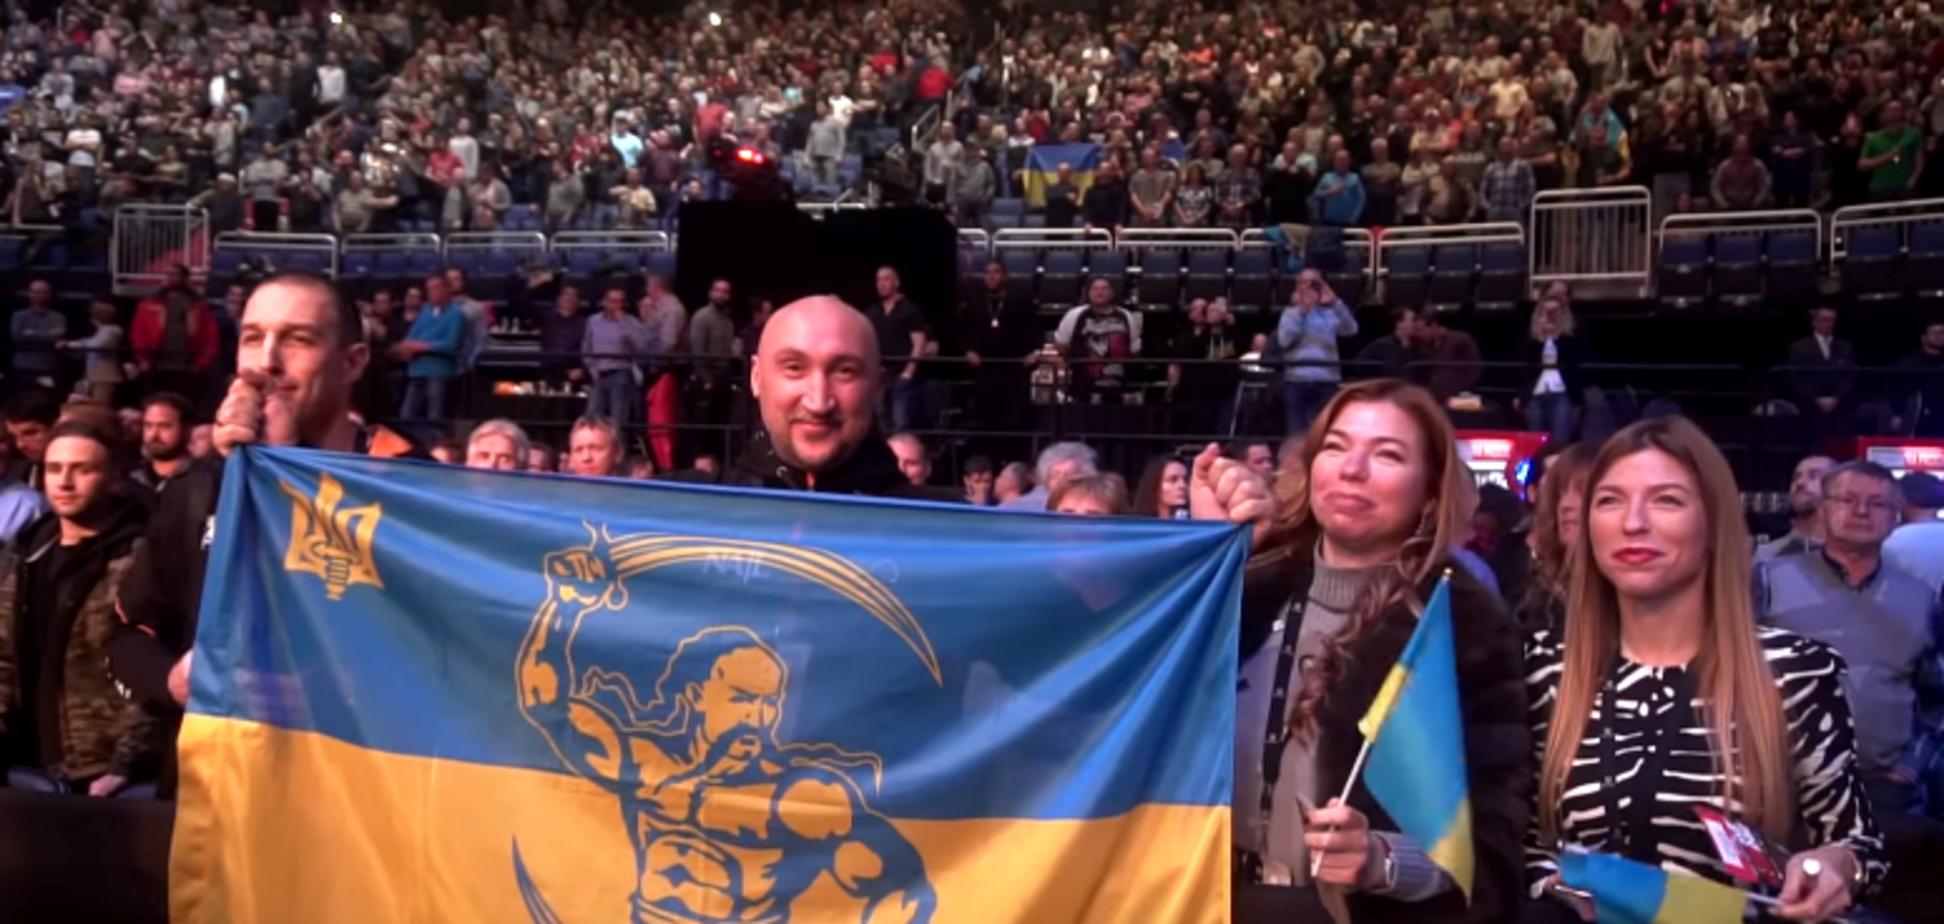 ''Була присутня небезпека'': тренер Гвоздика звернувся до українців